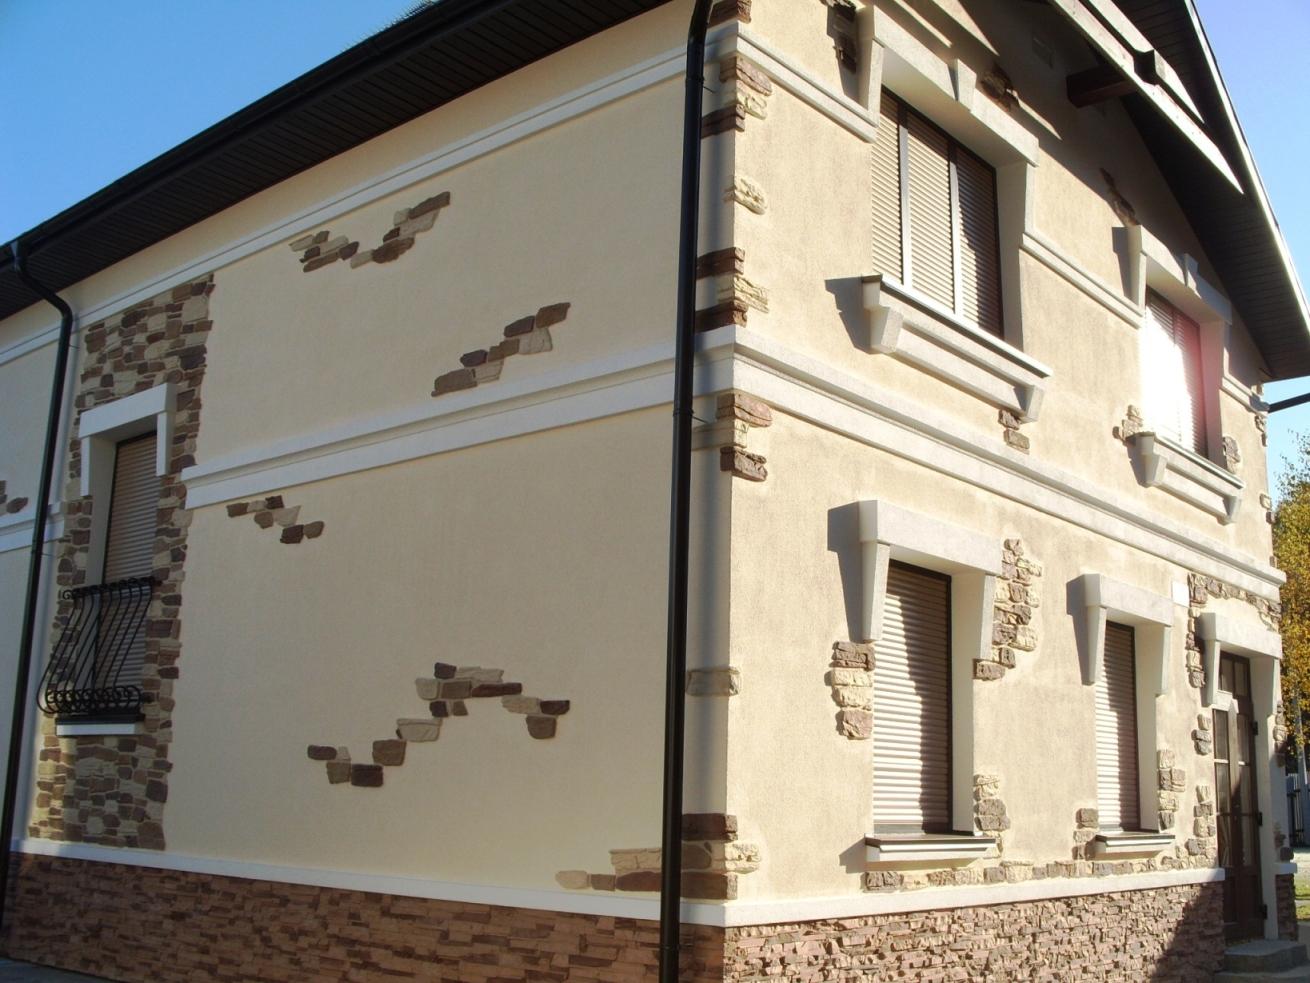 Внешний вид фасада.